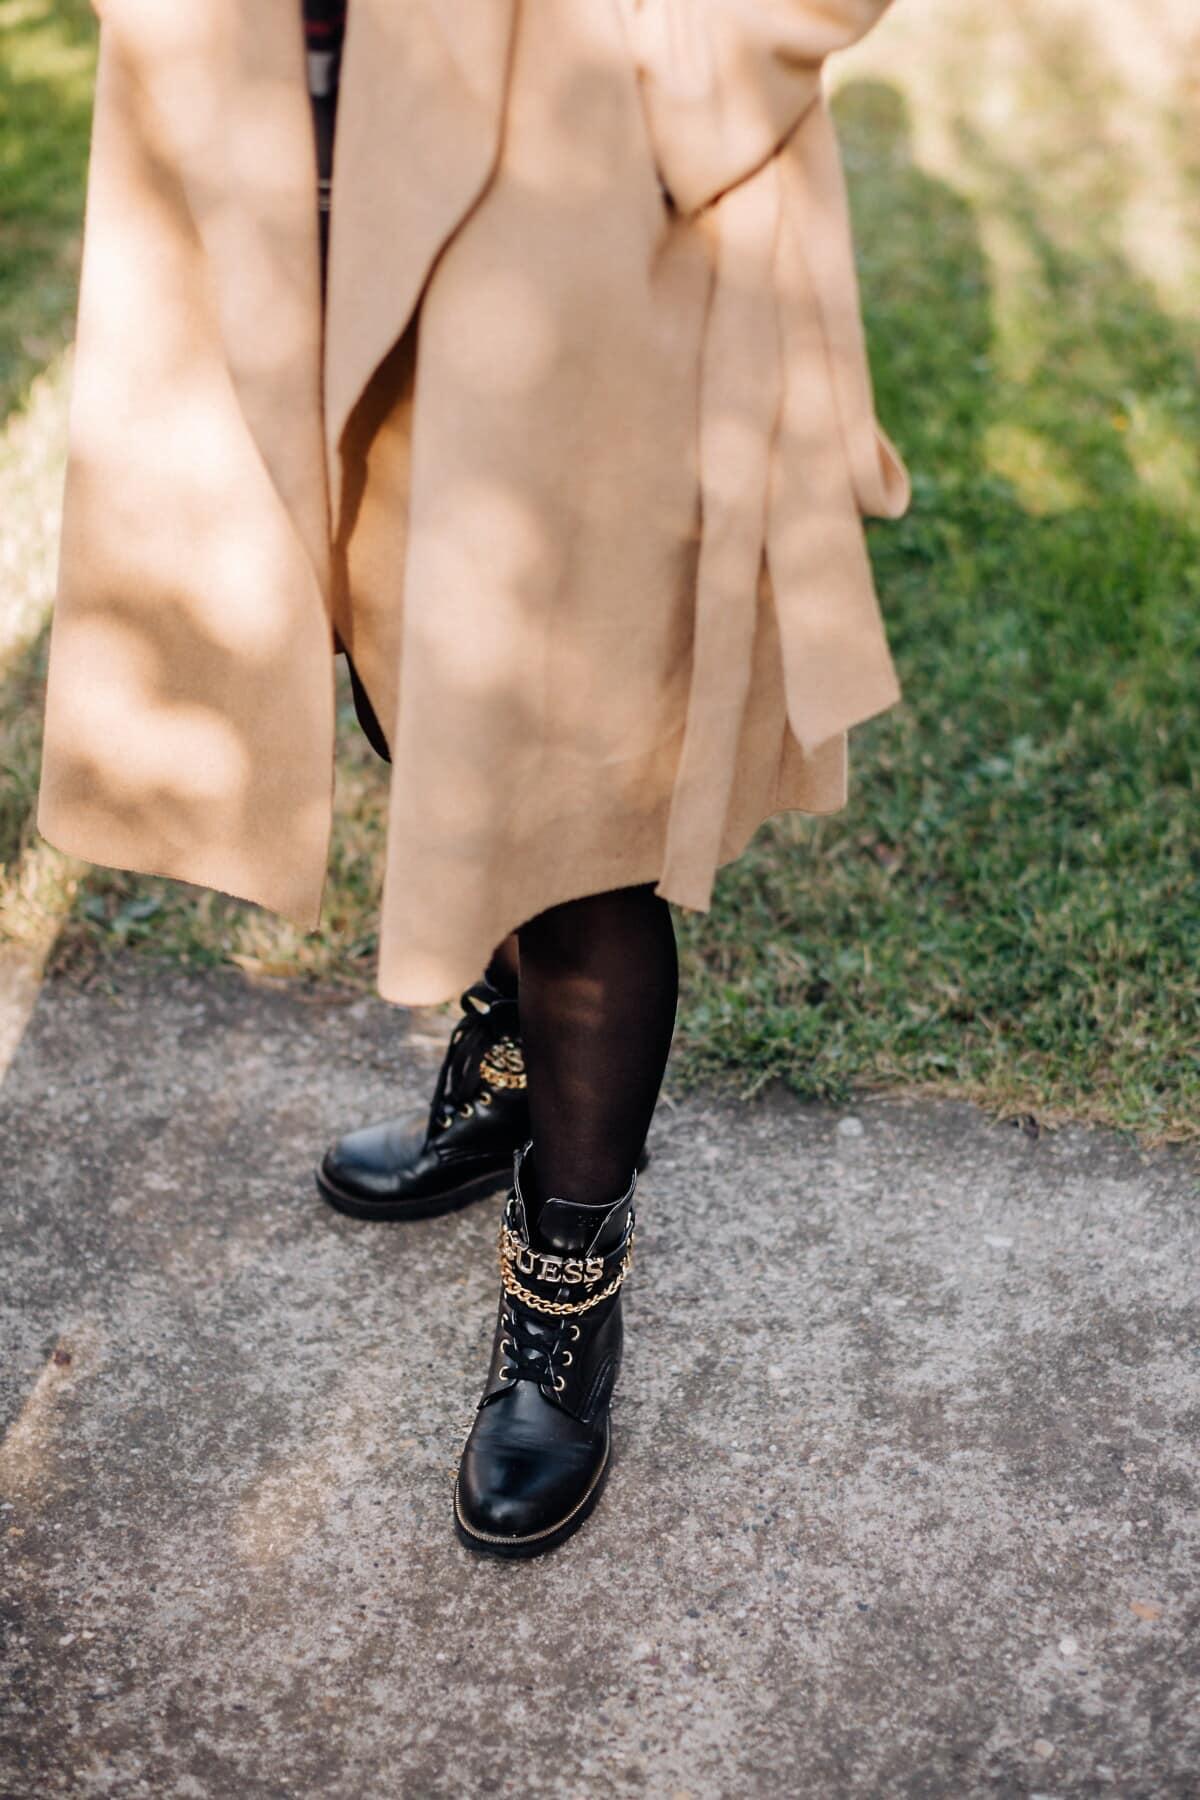 Stiefel, Lust auf, Beine, junge Frau, Socken, Schwarz, Nylon, Mädchen, Schuhe, Mode